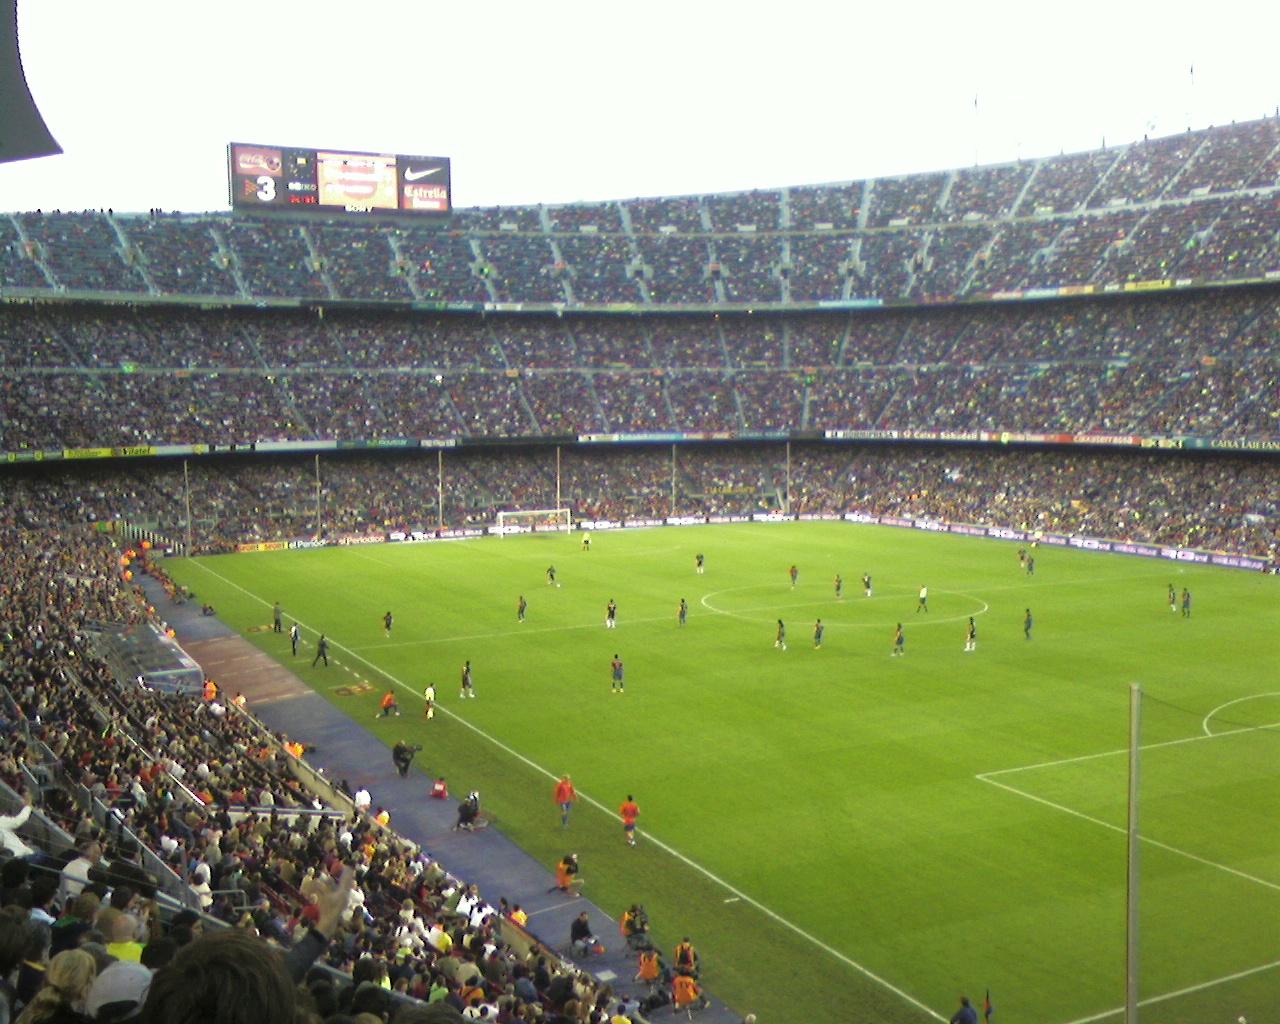 größtes stadion welt